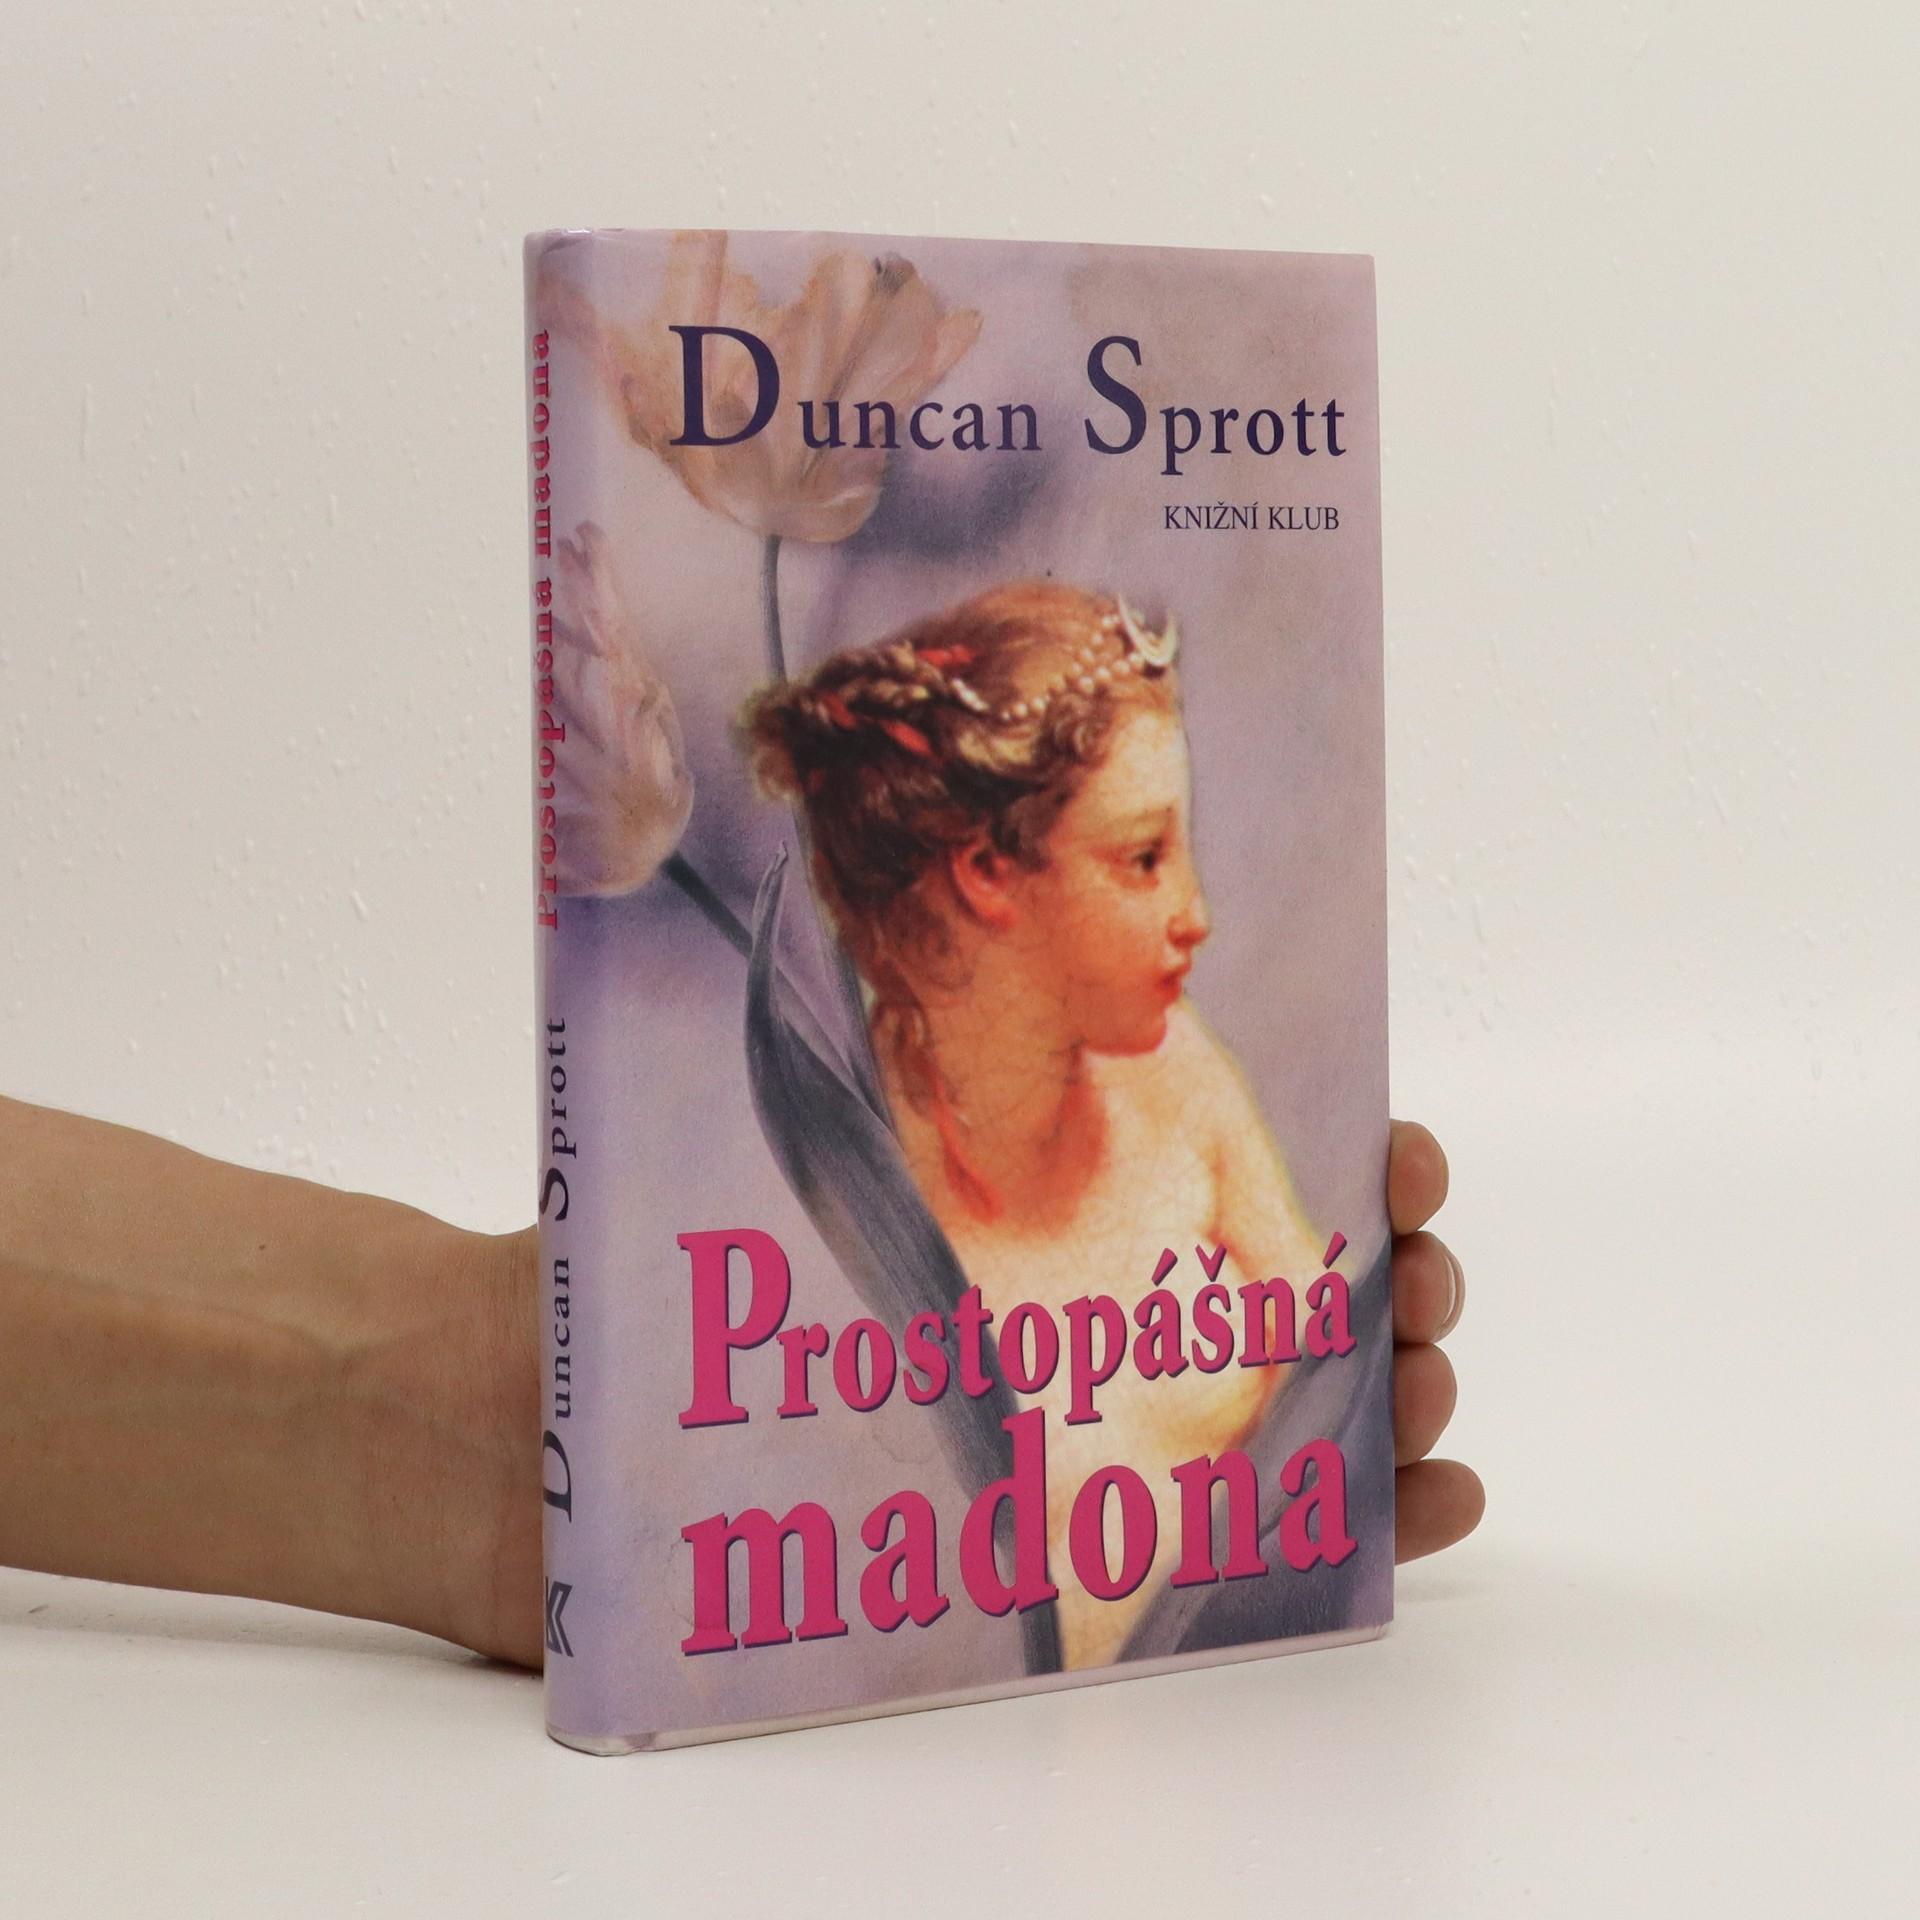 antikvární kniha Prostopášná madona, 2001